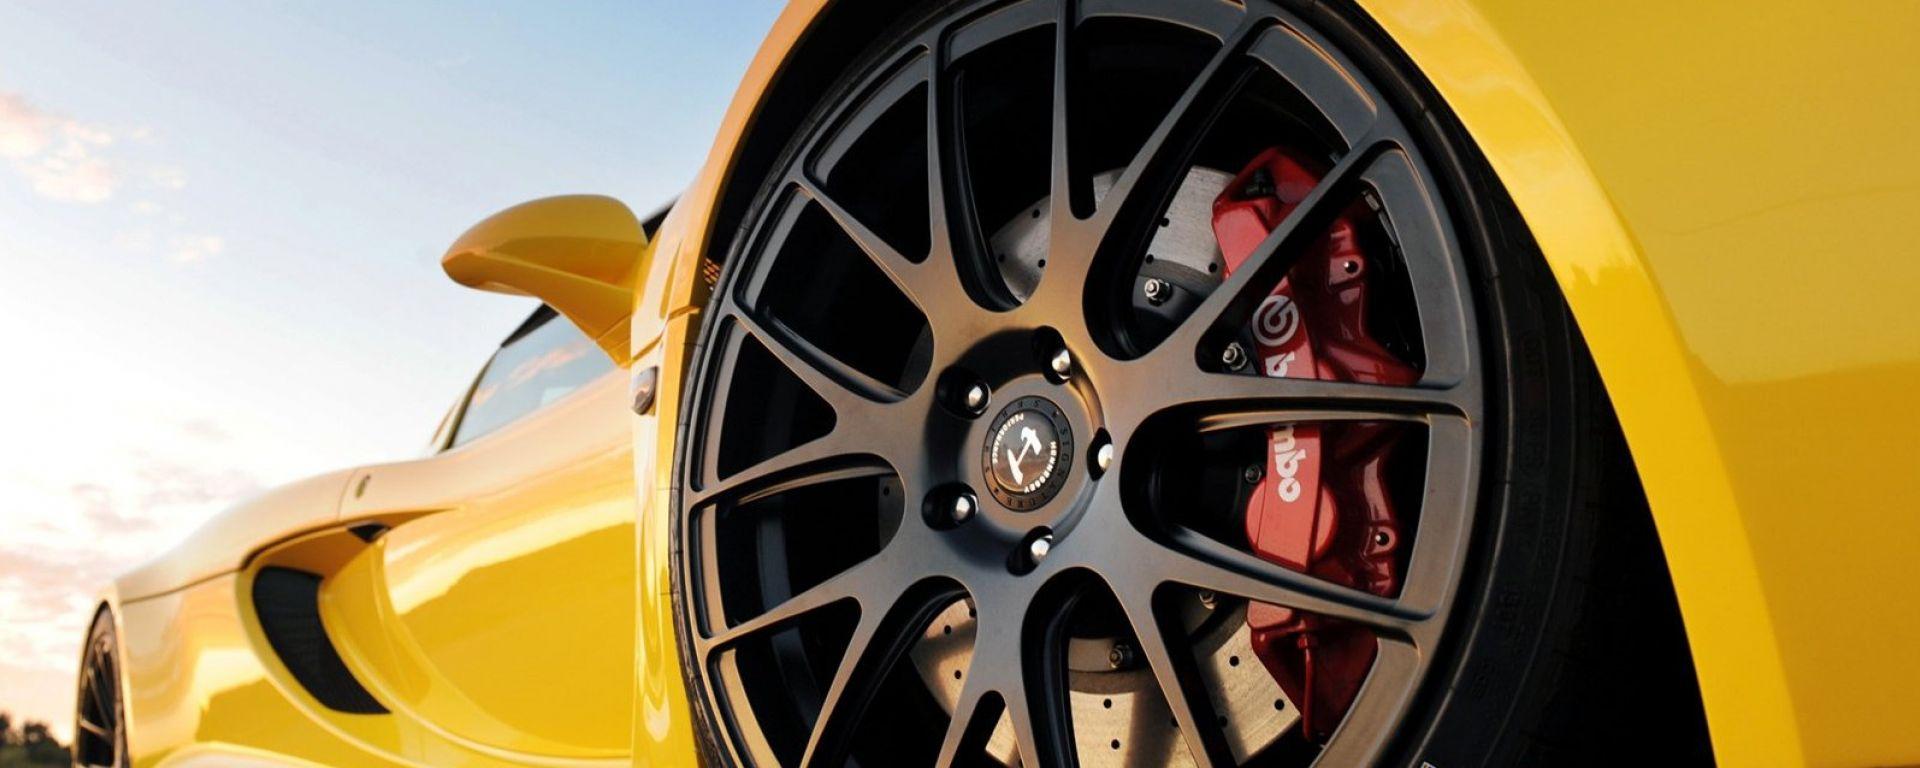 Hennessey Venom GT: da 0 a 300 km/h in 13,63 secondi